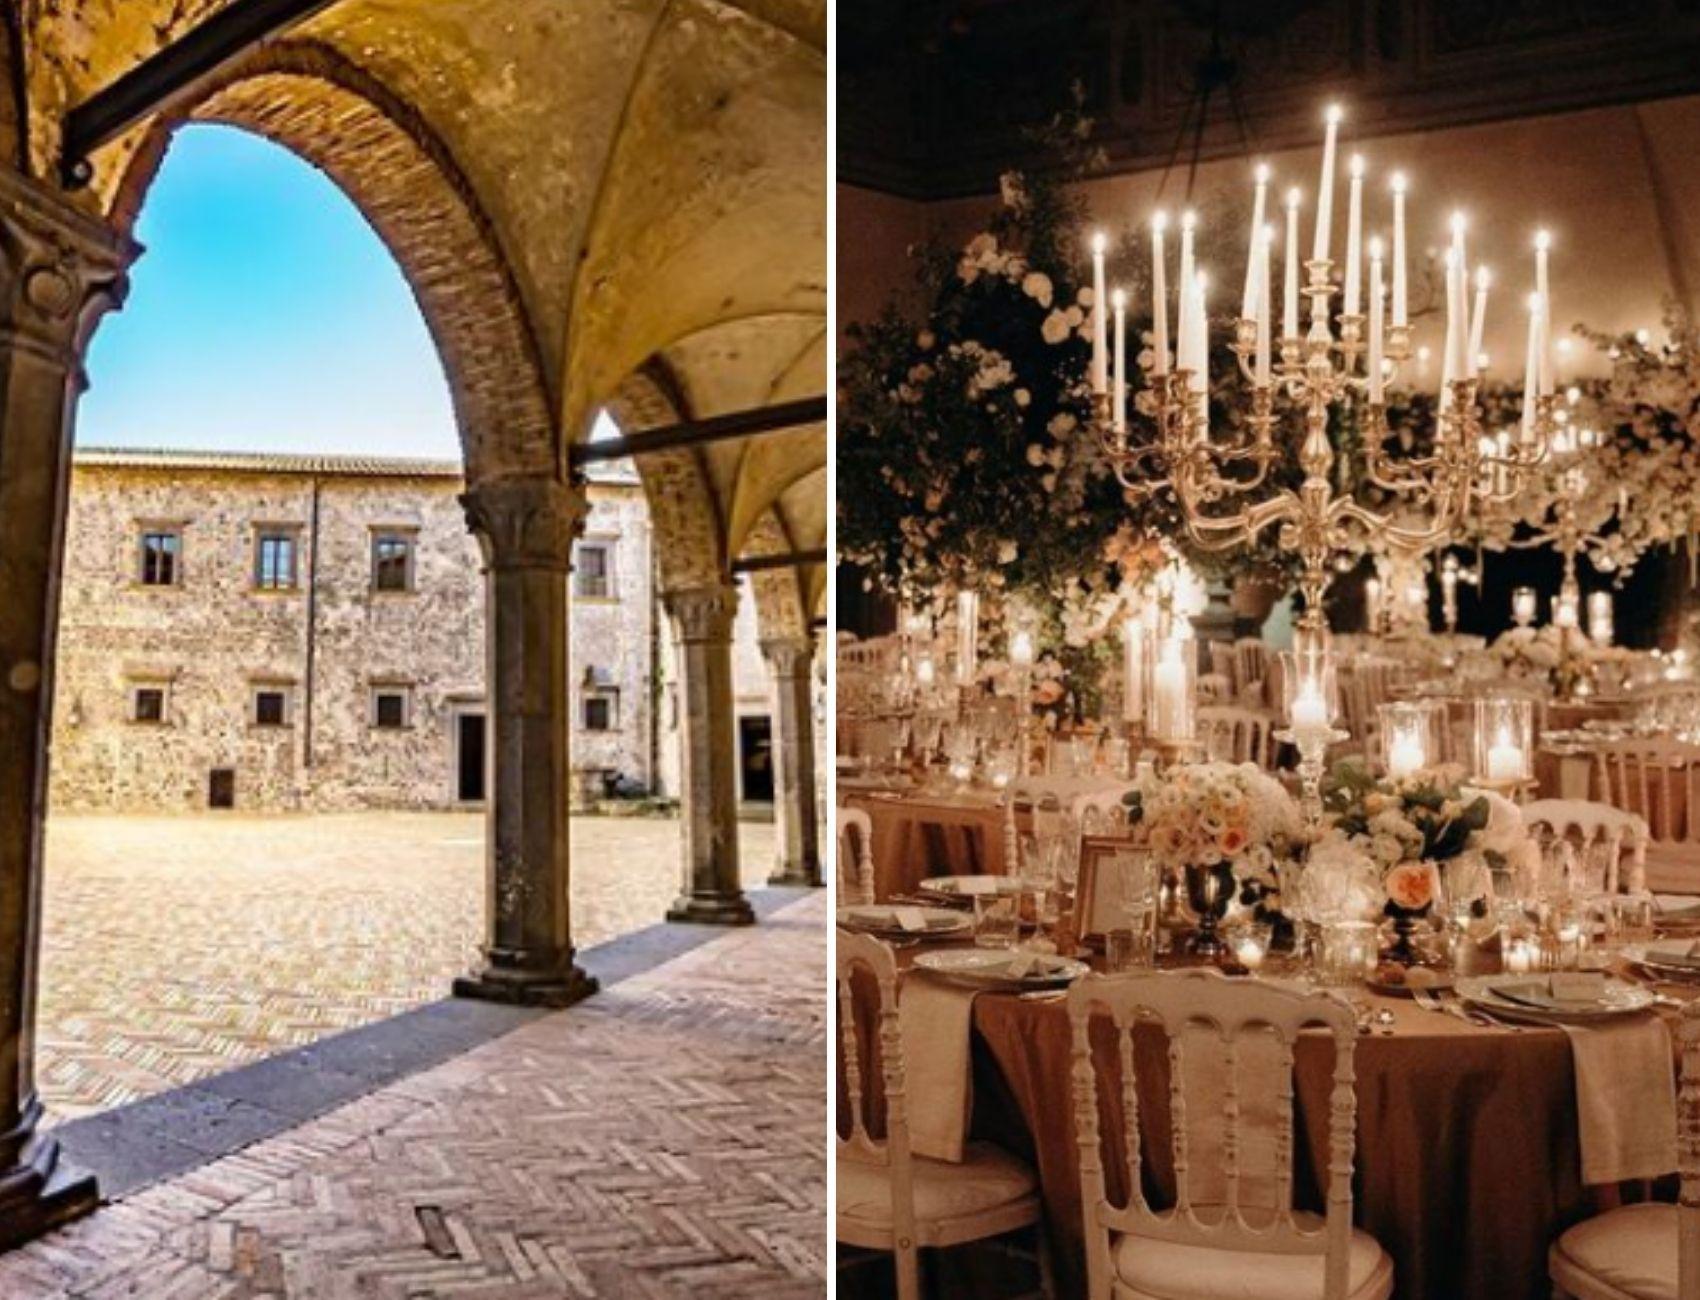 Castello Bracciano, a historial castle for weddings in Italy